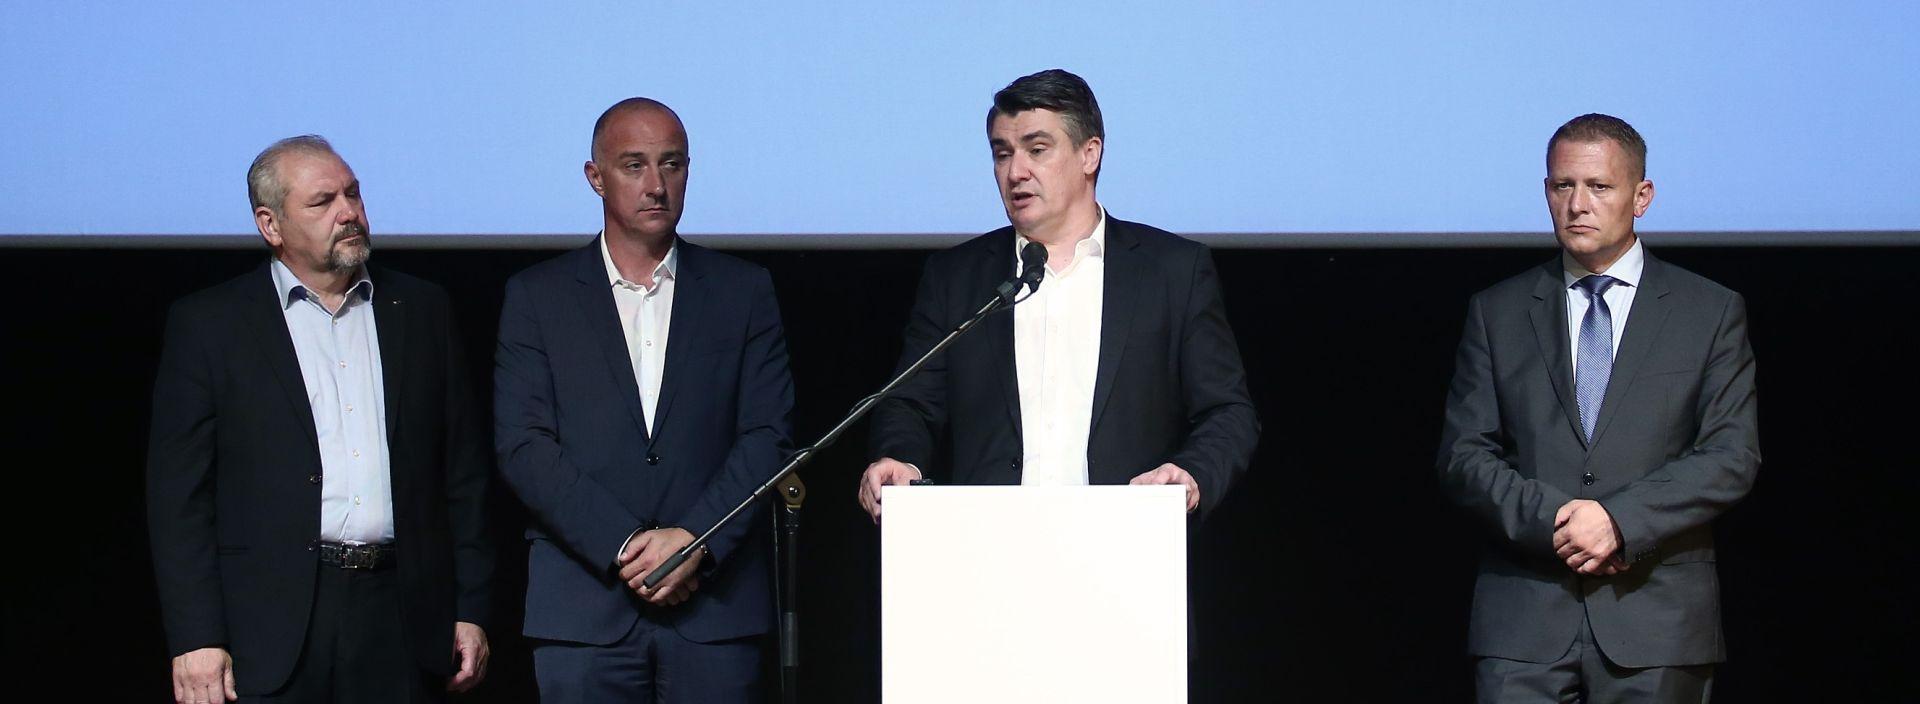 MILANOVIĆ PREDSTAVIO PROGRAM: 'Nastavit ćemo s kurikularnom reformom, zaustavili su je iz čiste zloće'